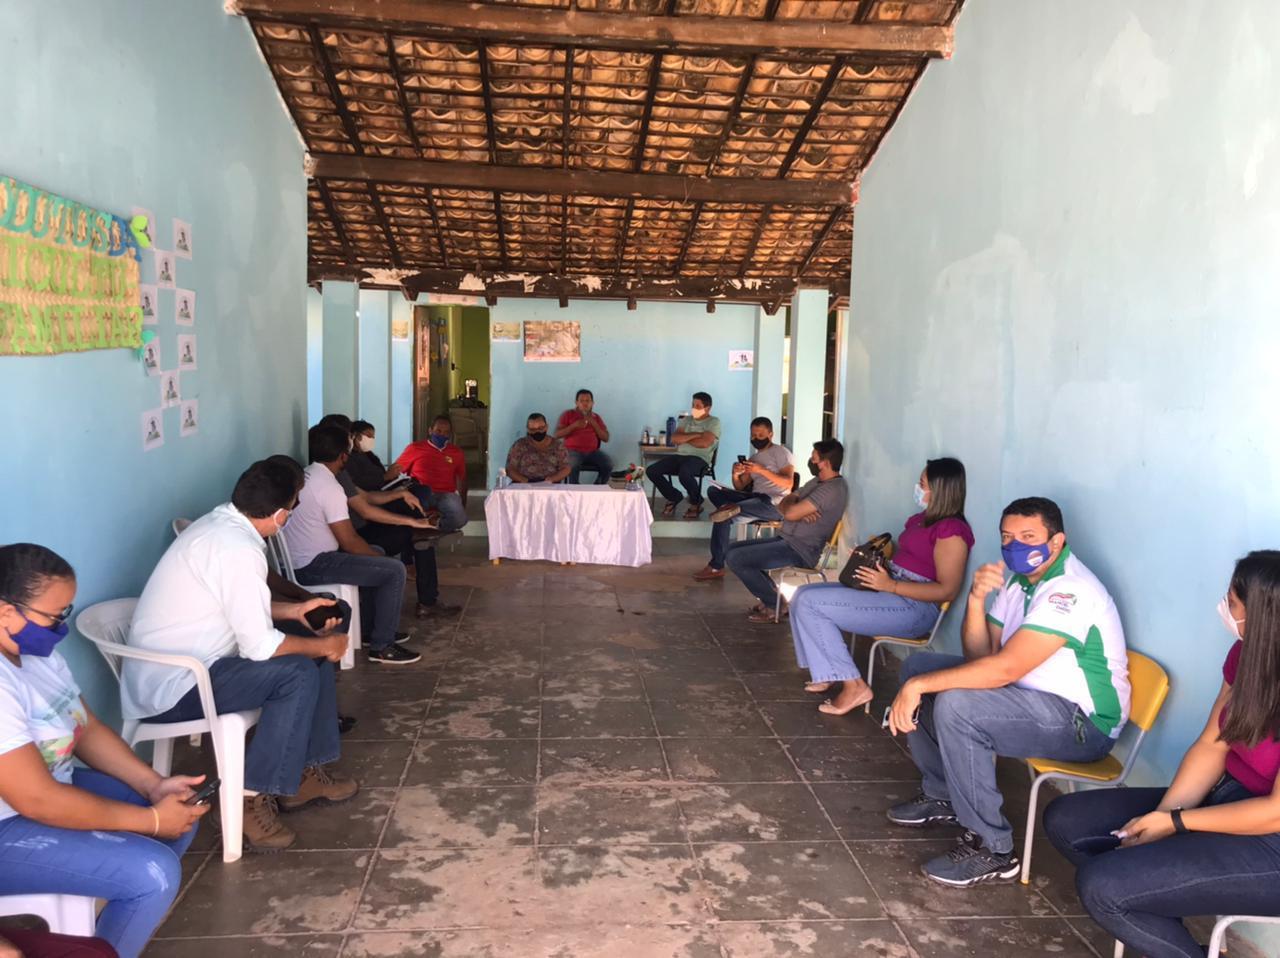 Secretaria realiza reunião para renovar Conselho Municipal em Manoel Emídio - Imagem 5